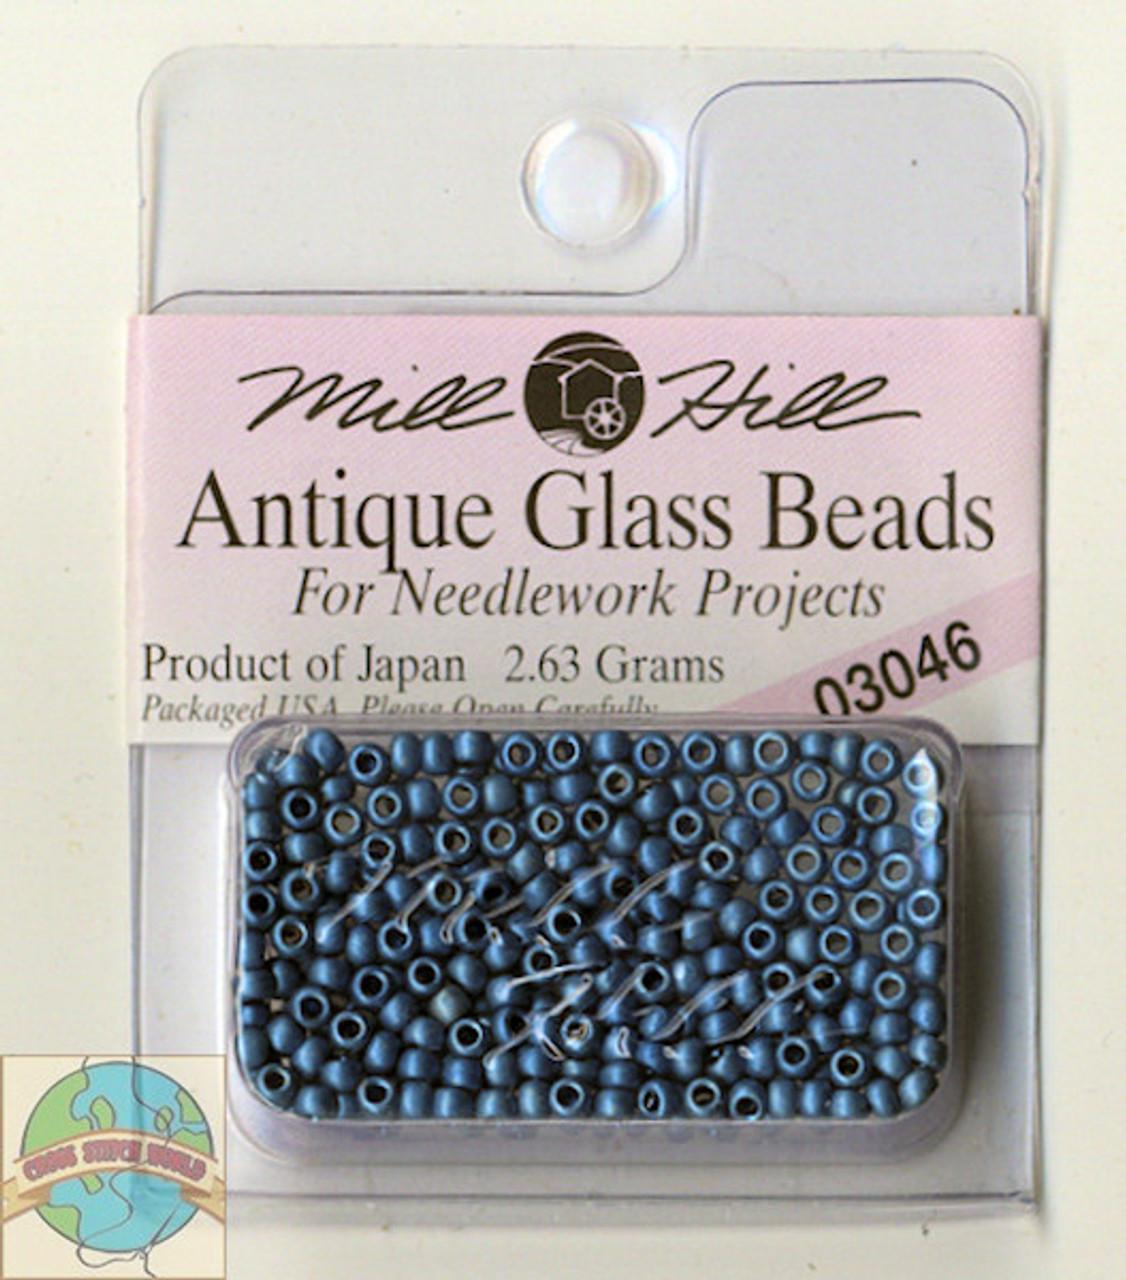 Mill Hill Antique Glass Beads 2.63g M Cadet Blue #03046